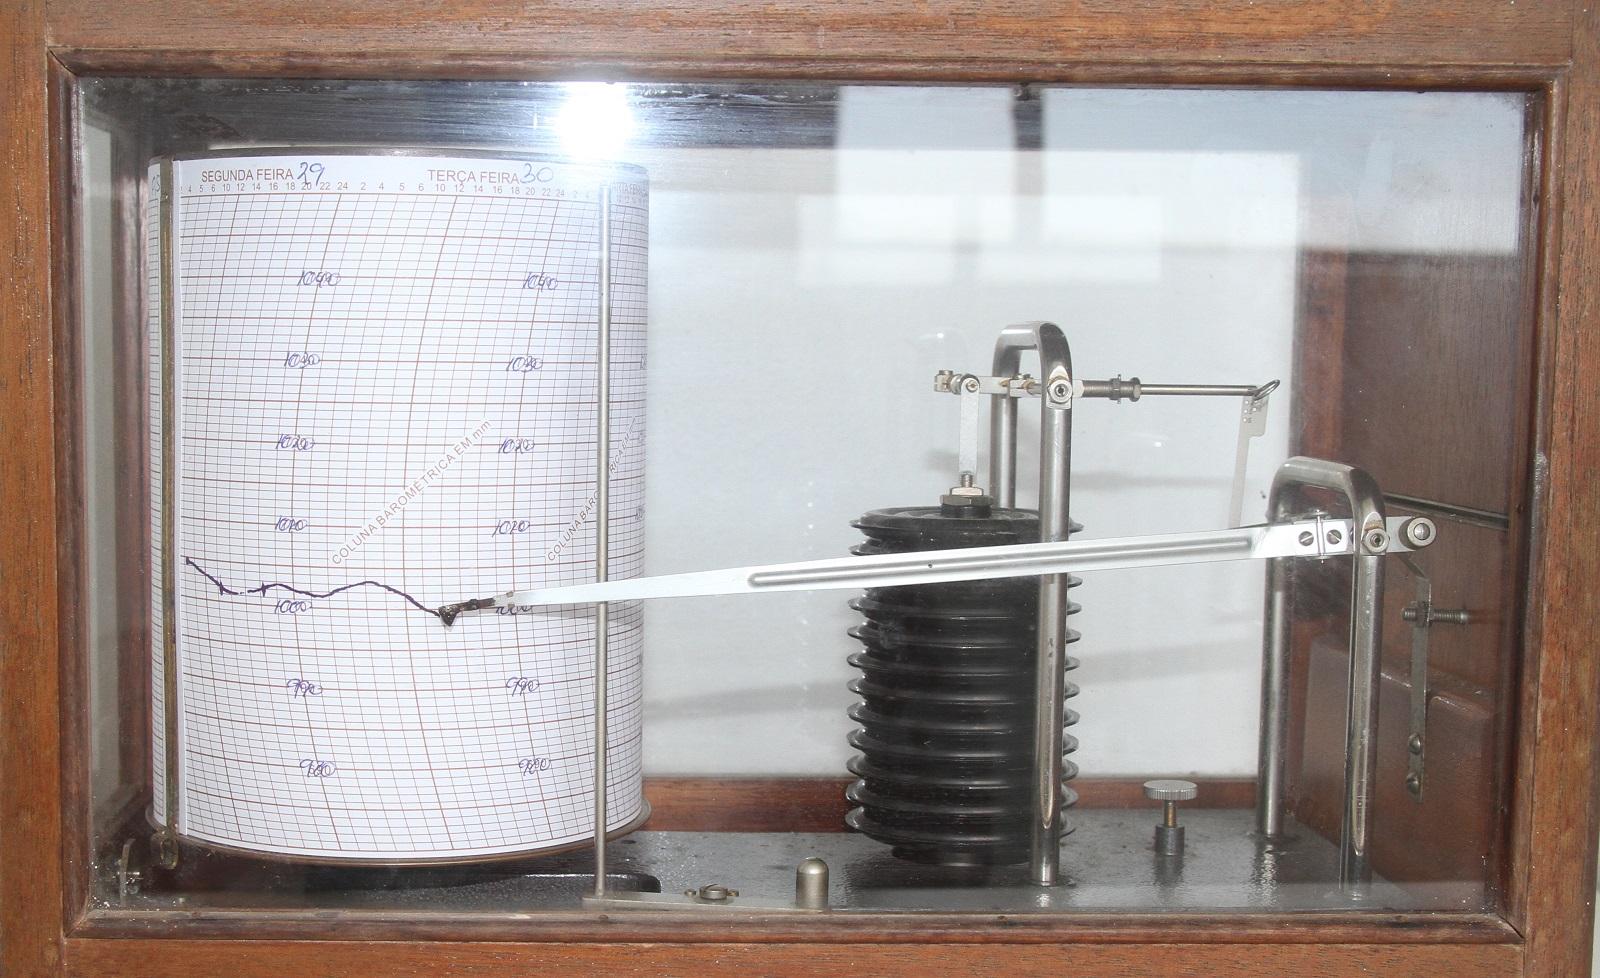 A imagem mostra um objeto dentro de um espaço vidrado com borda em madeira. No interior um instrumento que registra com tinta variações de pressão em um papel fixado em formato de rolo